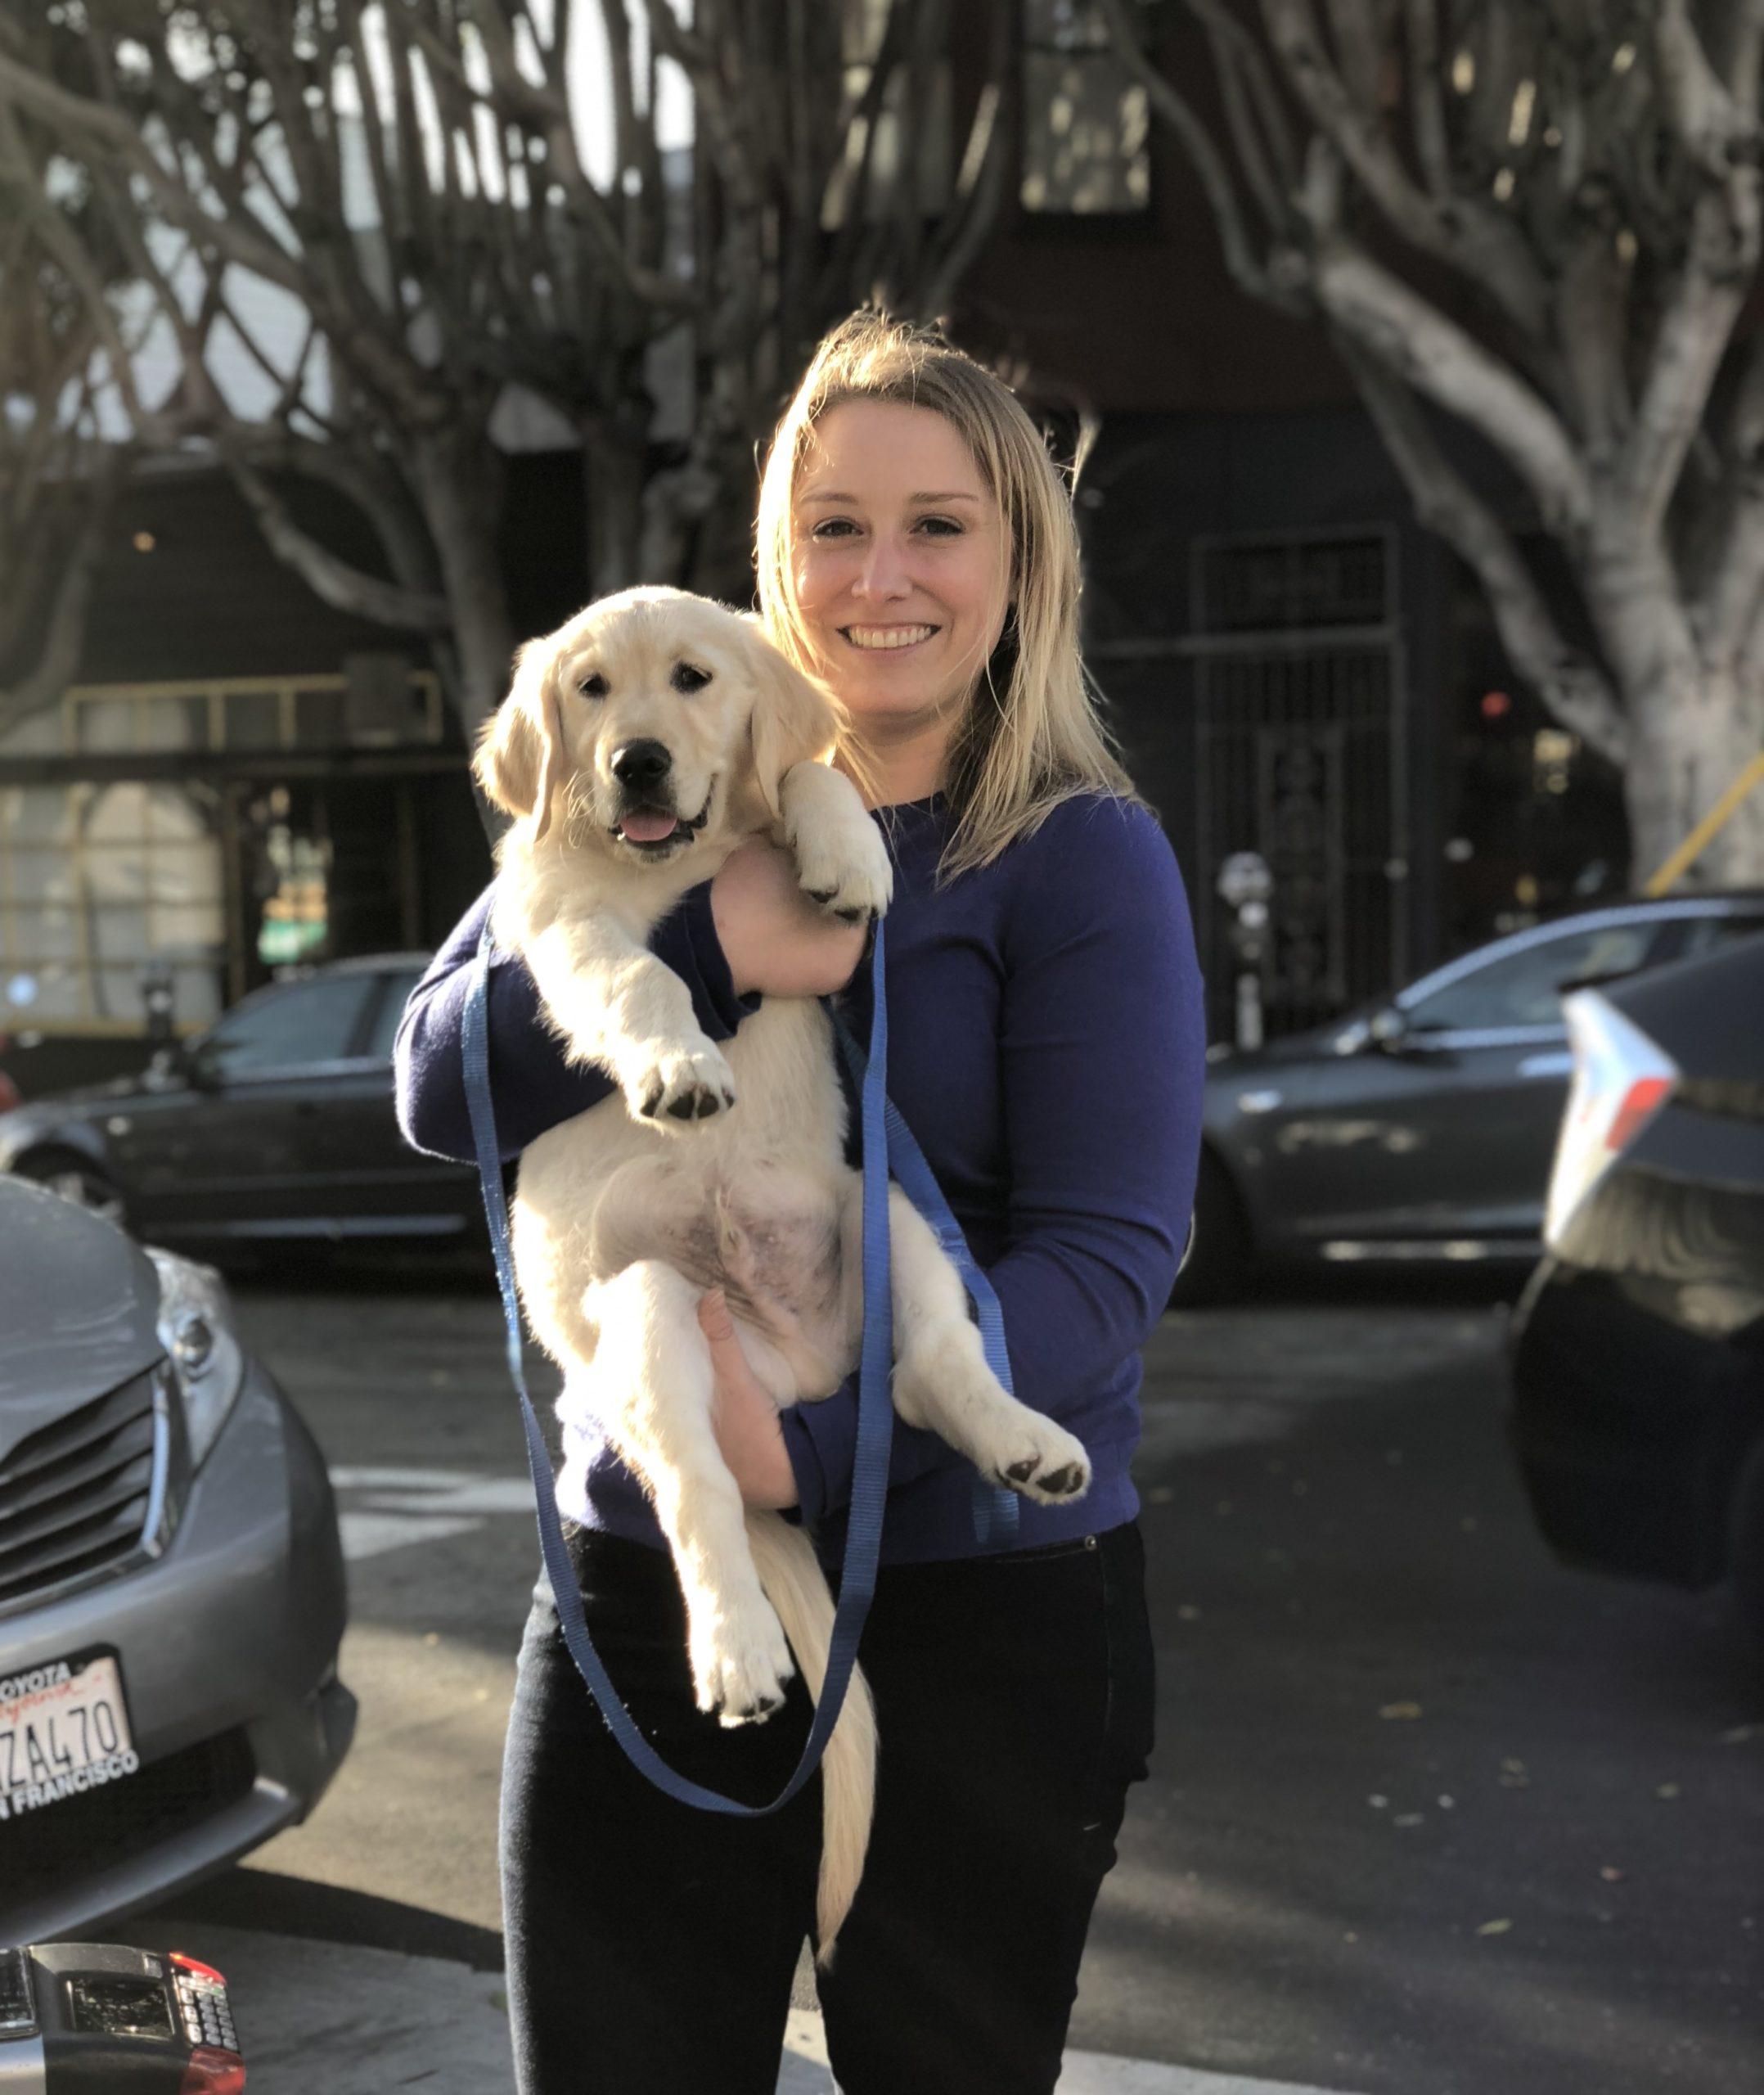 Woman Holding Golden Retriever Puppy